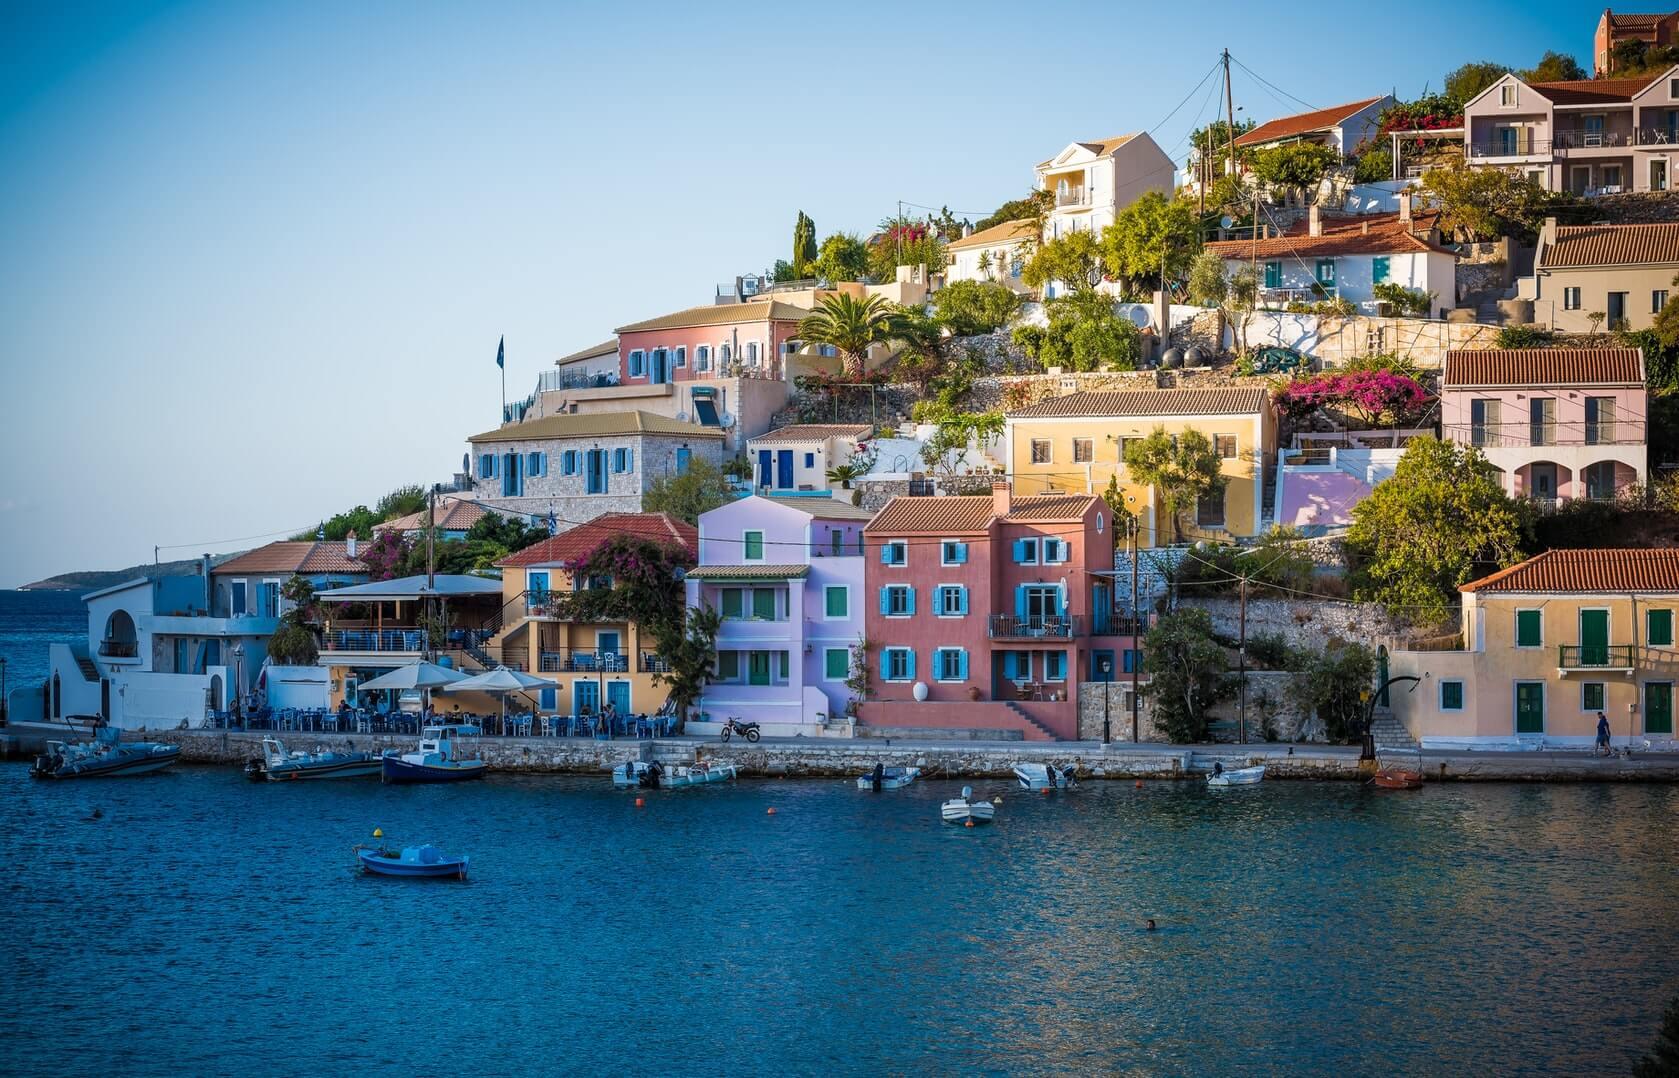 Всё о поездке в Грецию прямо сейчас: въезд, билеты, виза